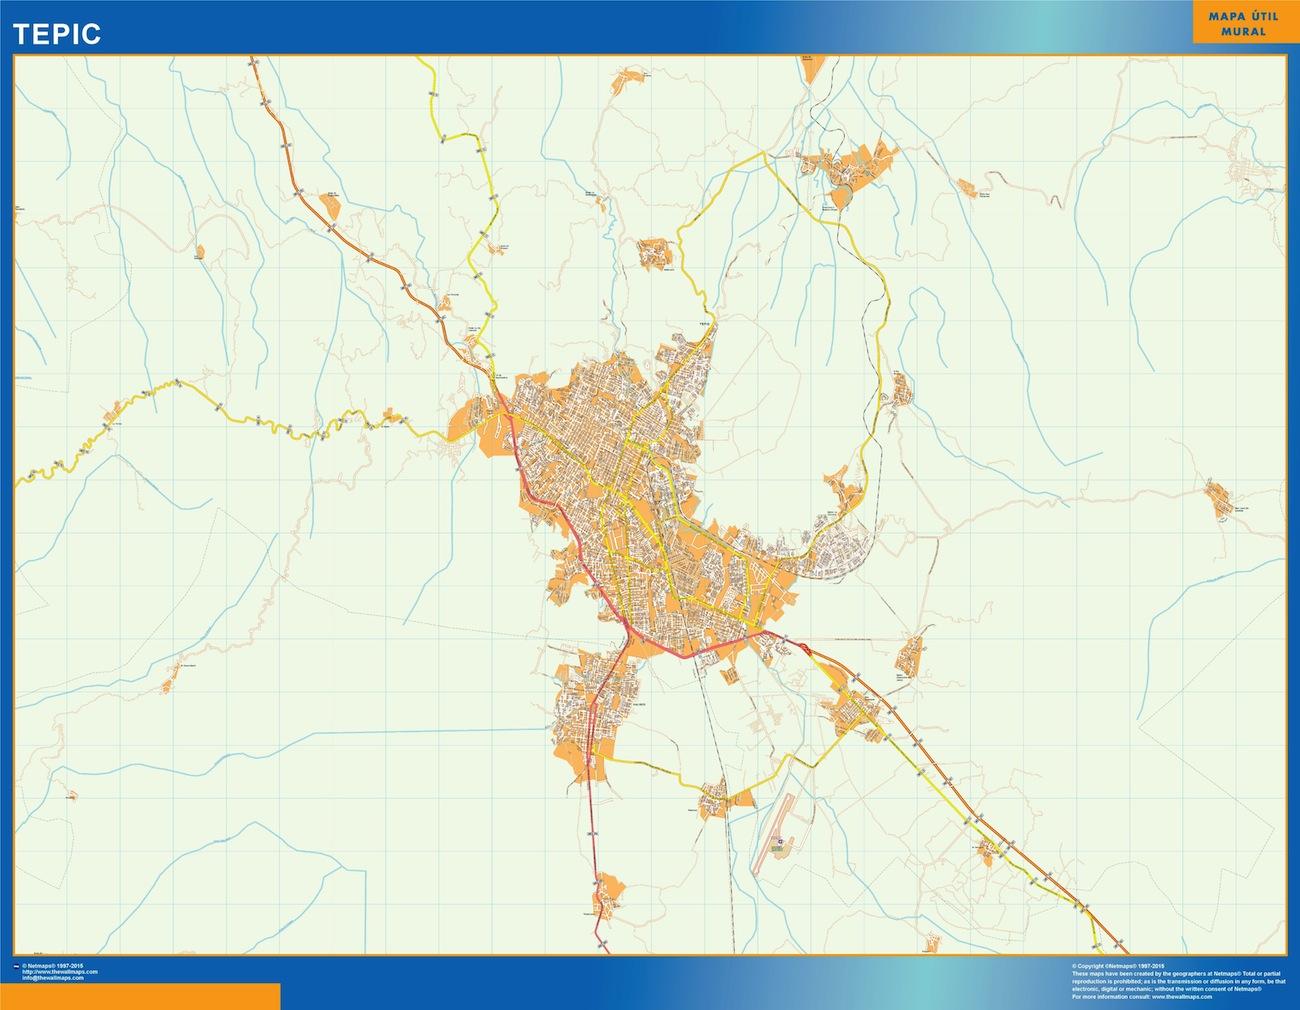 Mapa Tepic en Mexico plastificado gigante